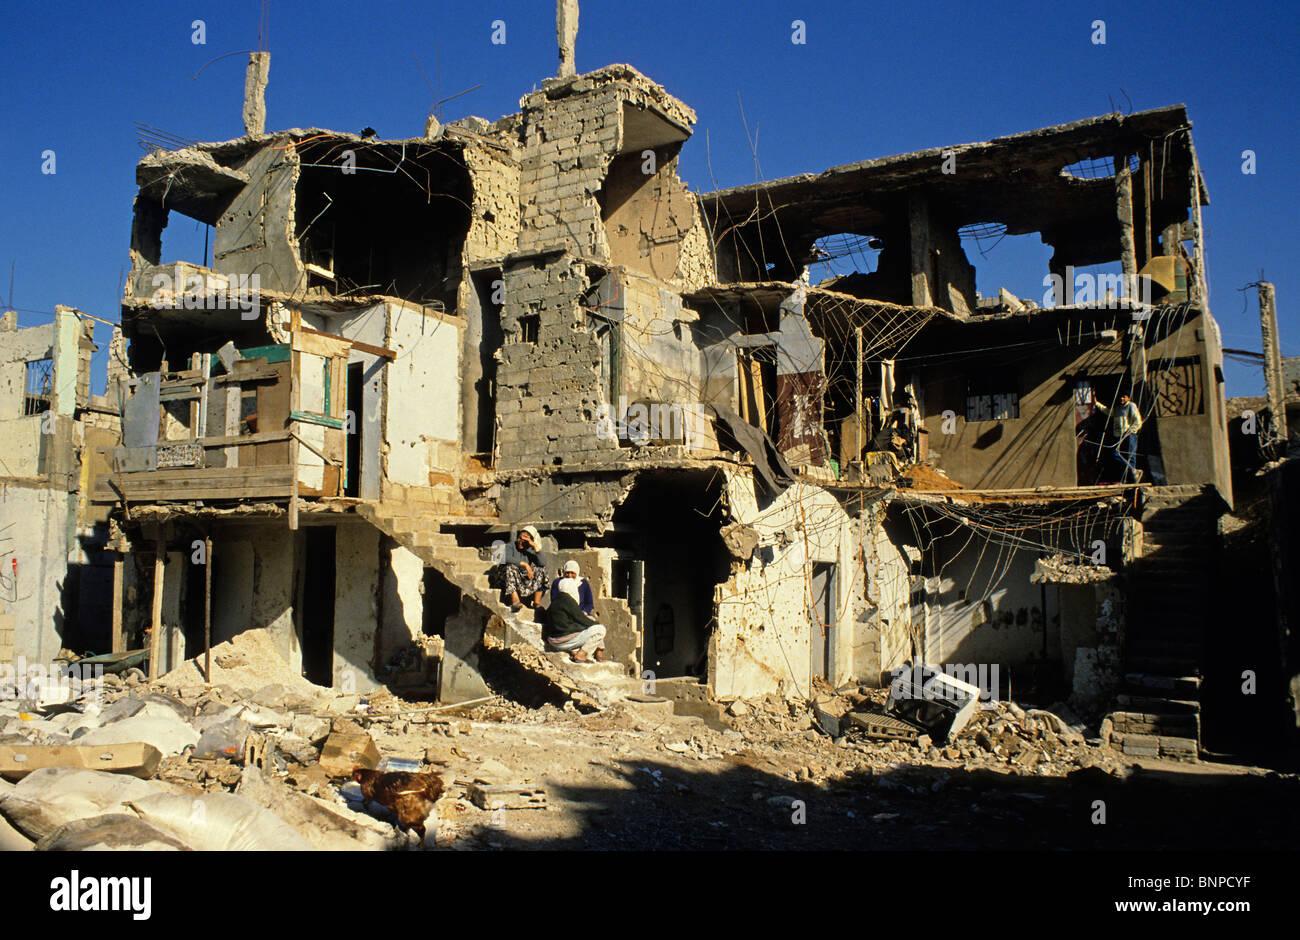 Bour El Brajneh palestinesi durante la guerra civile a Beirut Libano Immagini Stock